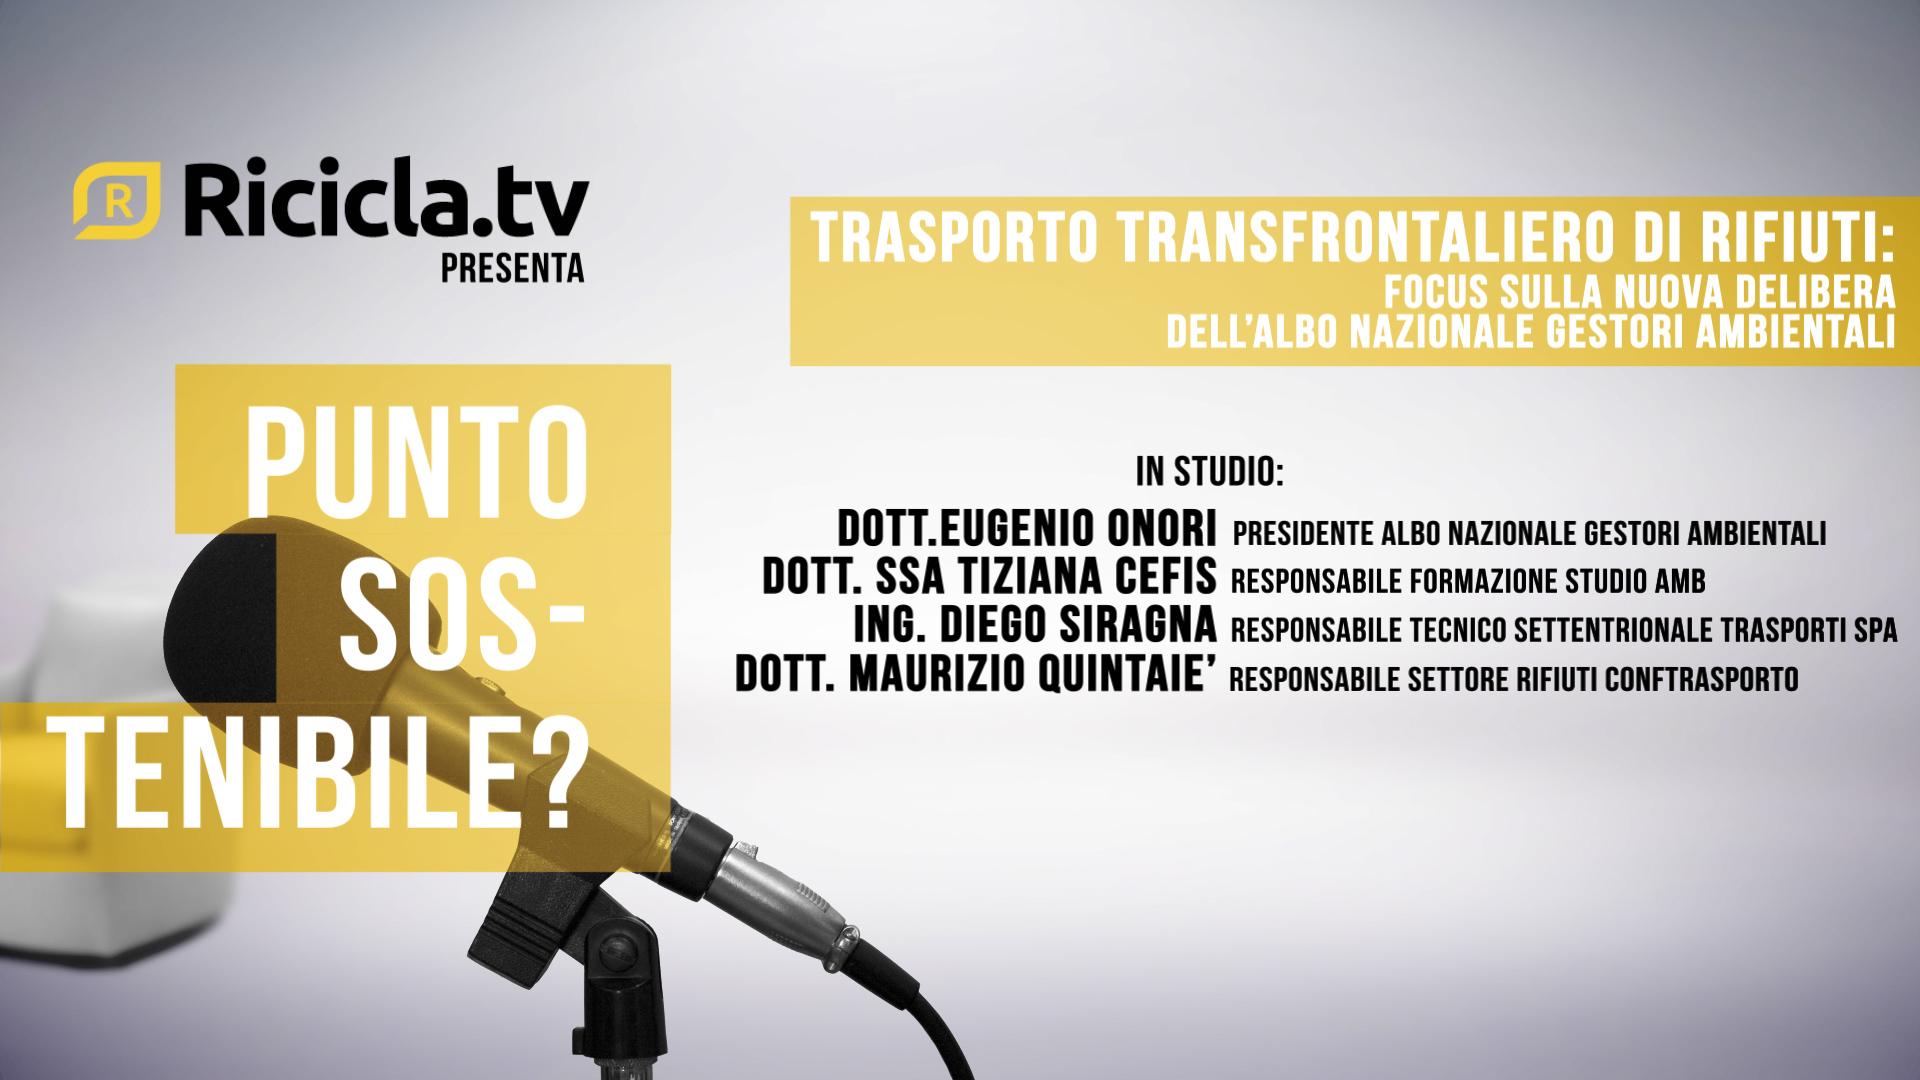 TRASPORTO TRANSFRONTALIERO DI RIFIUTI: FOCUS SULLE NUOVE DELIBERE DELL'ALBO GESTORI AMBIENTALI